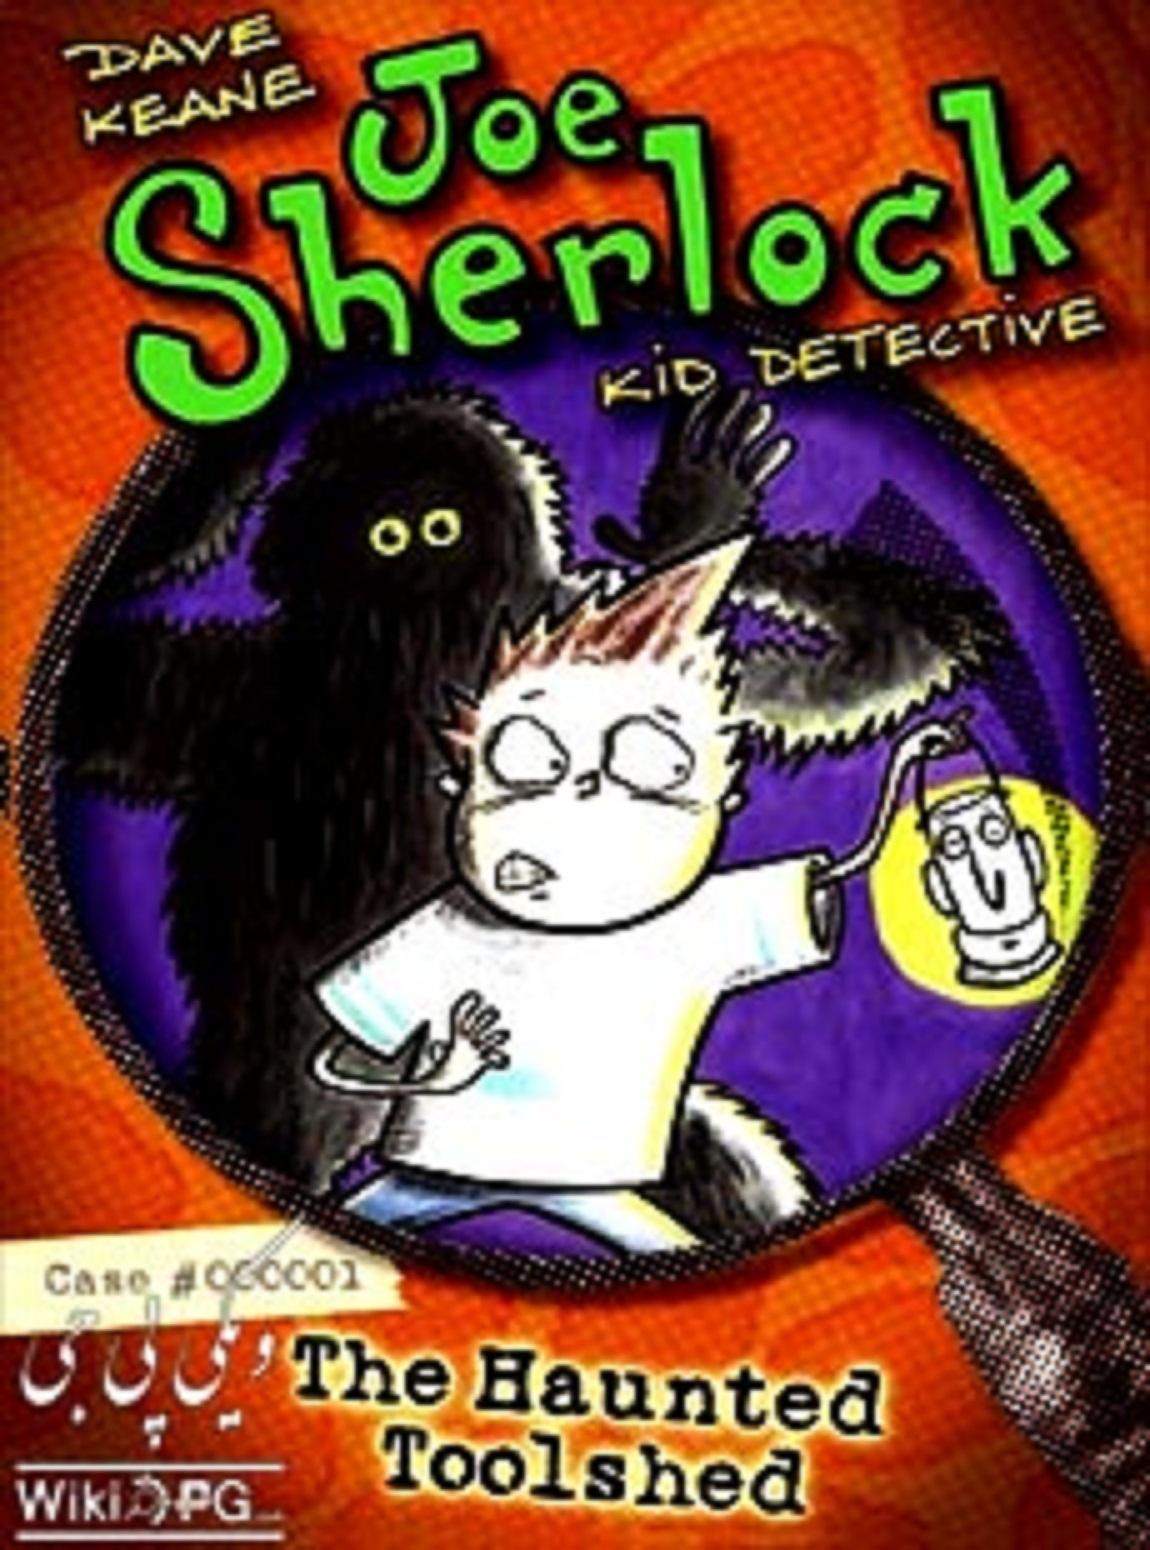 کتاب کودک و نوجوان: ماجرای خنگ ترین کارآگاه دنیا، جو شرلوک